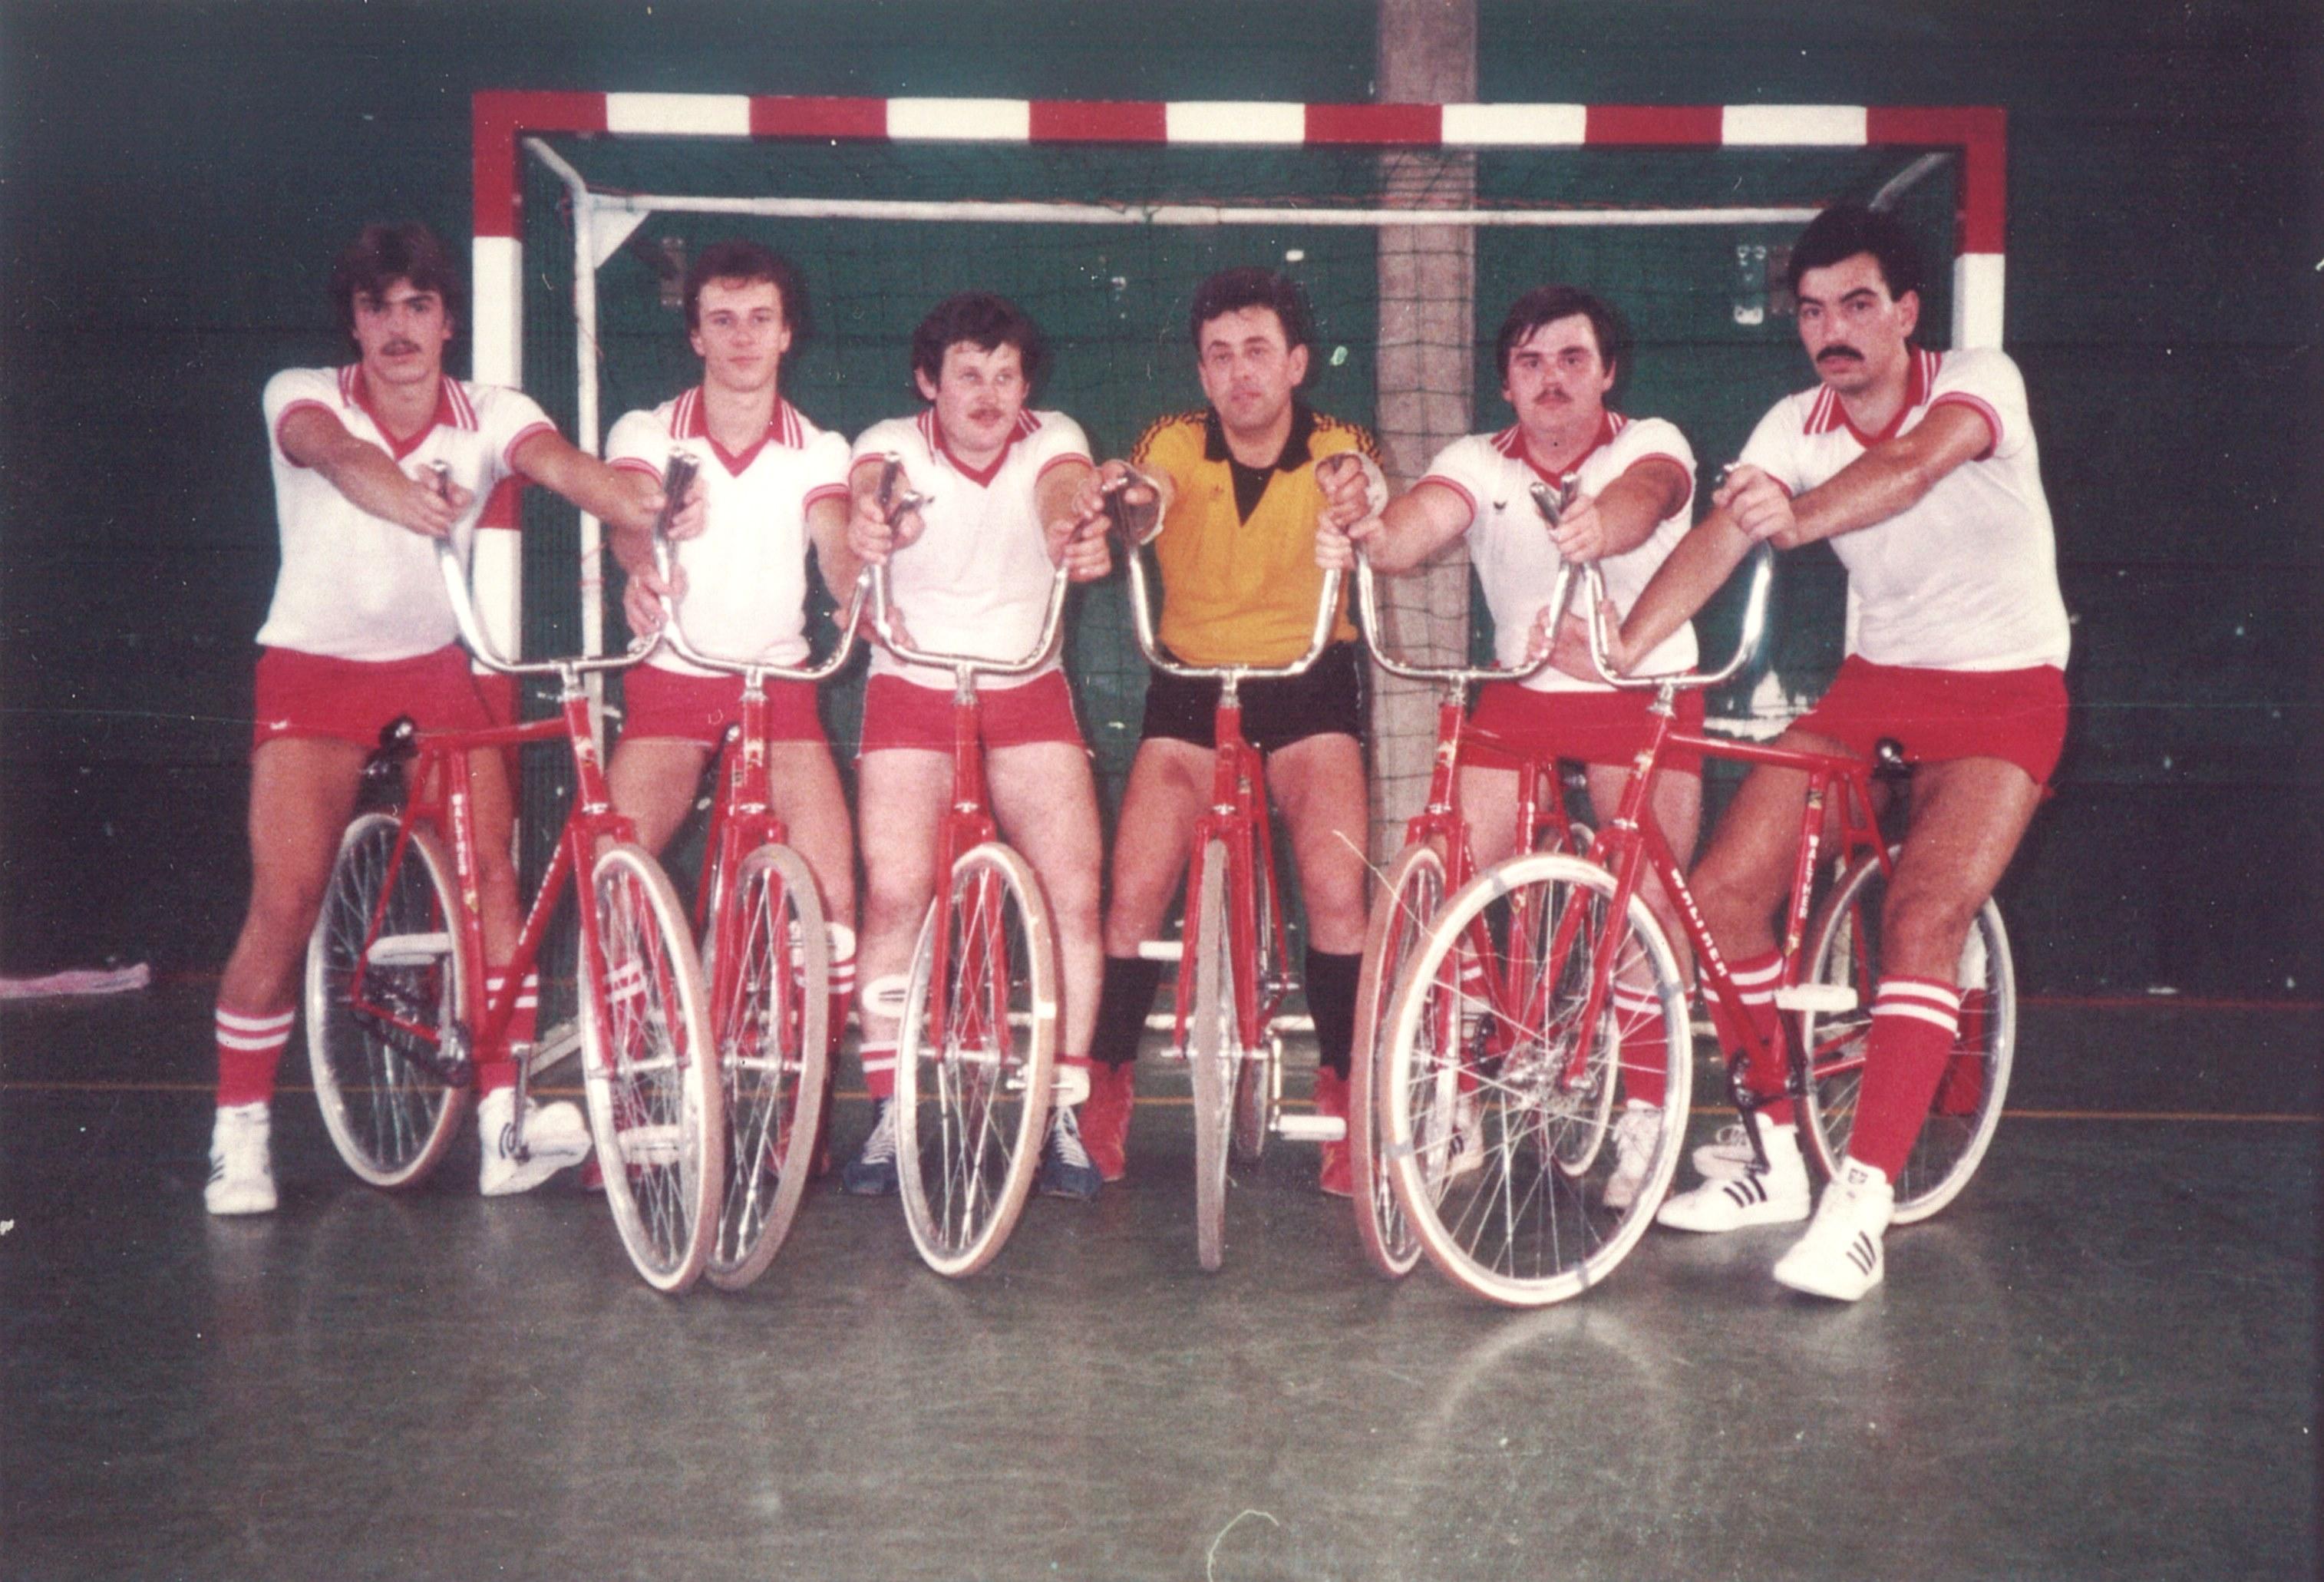 1980 - 5er DM in Asslar mit dem 4. Platz bei der ersten Teilnahme bei einer 5er DM6